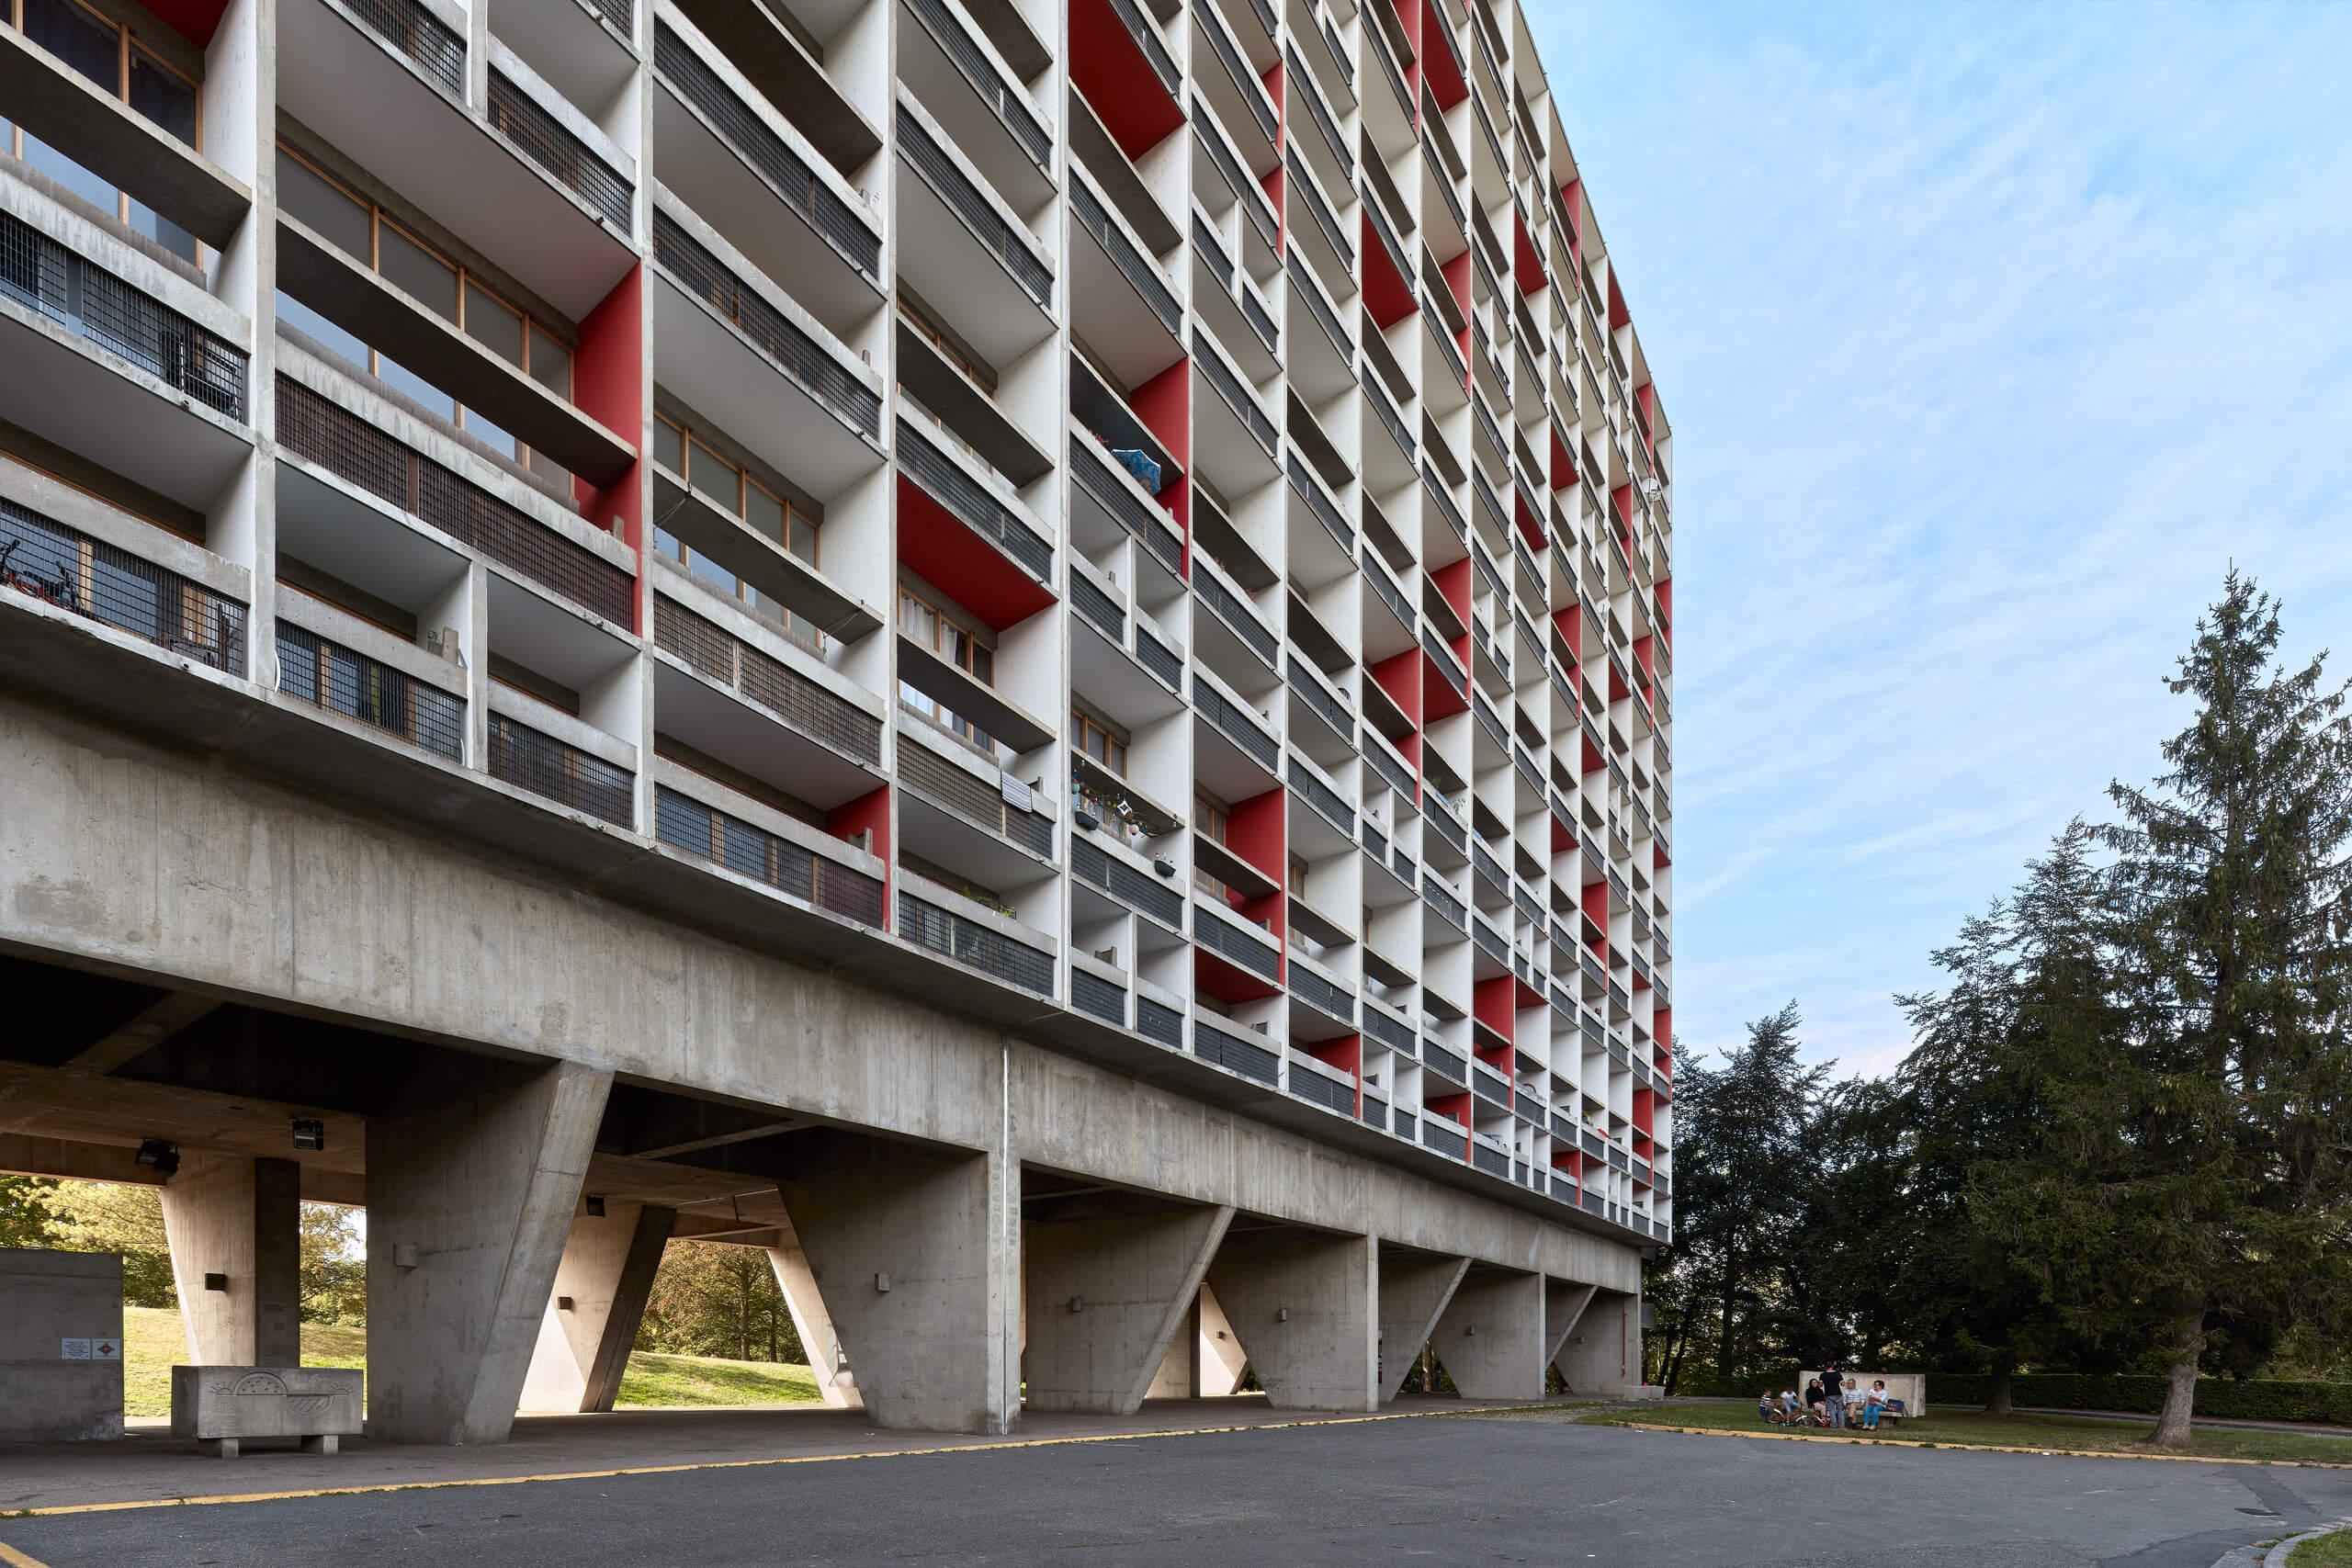 Federico_Covre_Unité_Firminy_Le_Corbusier_2018_36